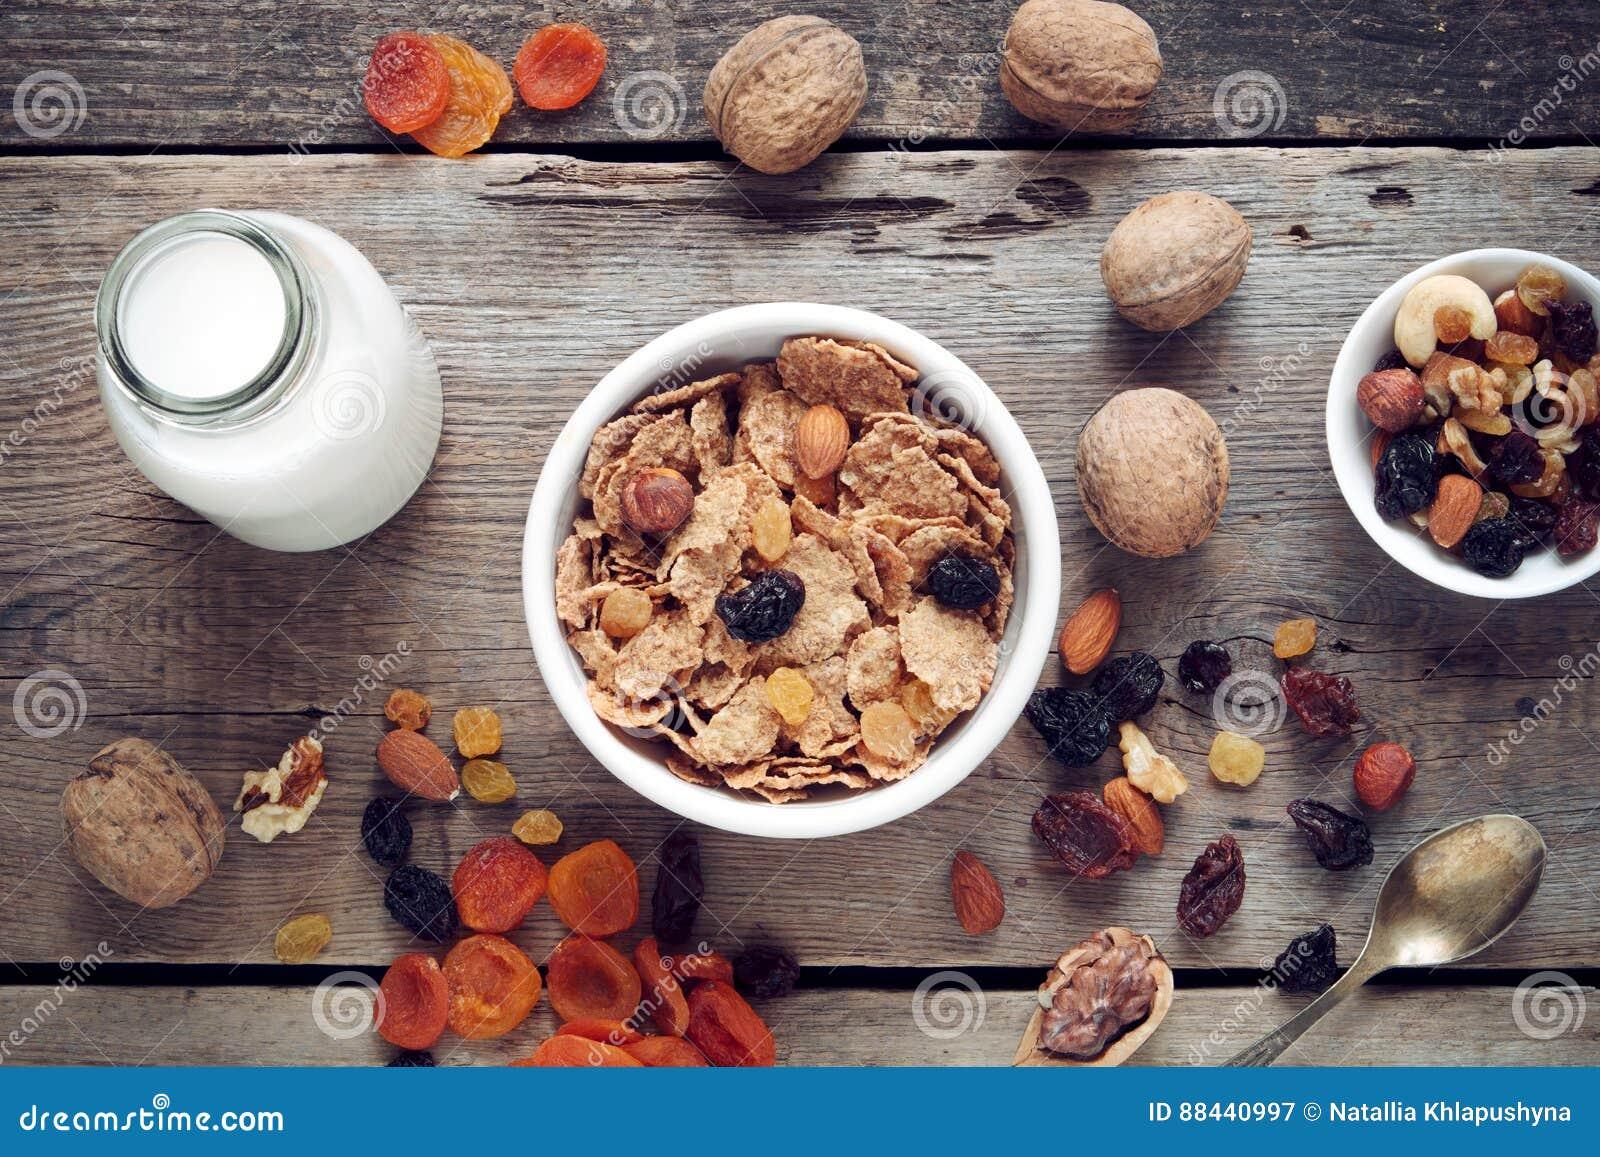 Συστατικά για το υγιές πρόγευμα: νιφάδες σίτου δημητριακών και ξηροί καρποί